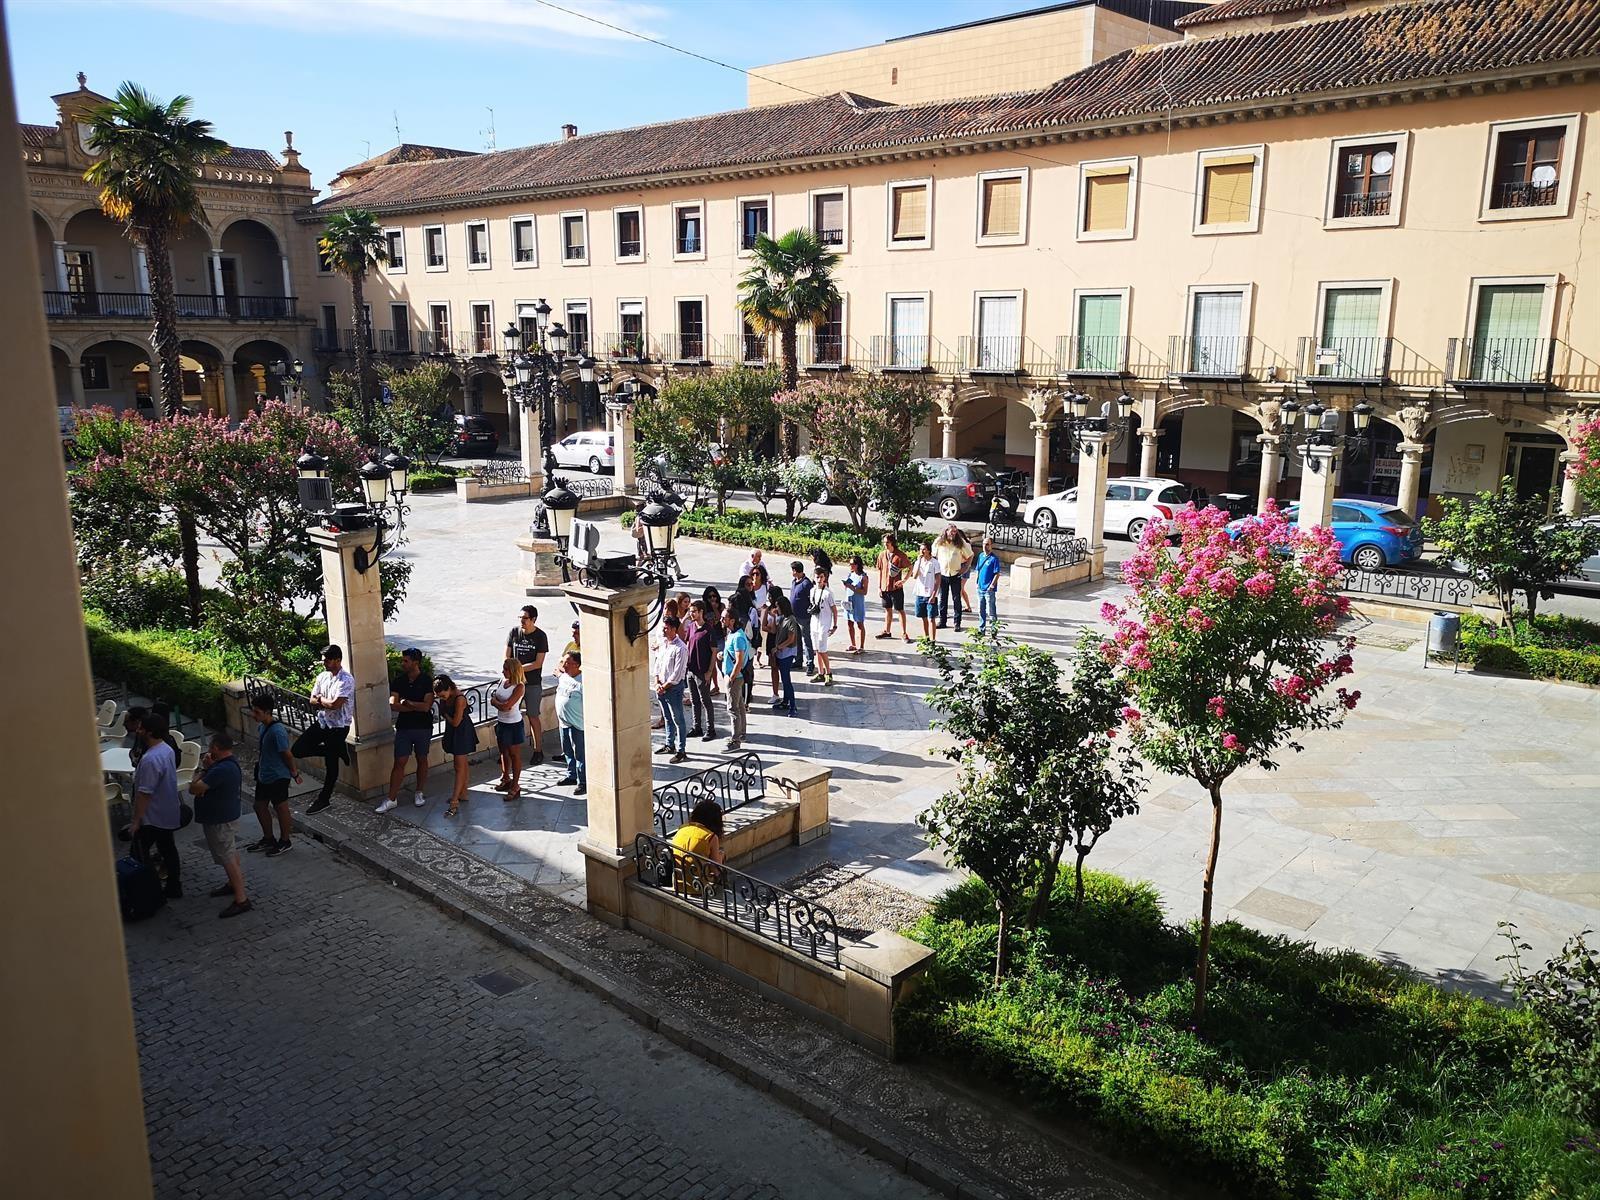 Más de 400 personas aspiran a participar en el rodaje de una serie en el castillo de La Calahorra